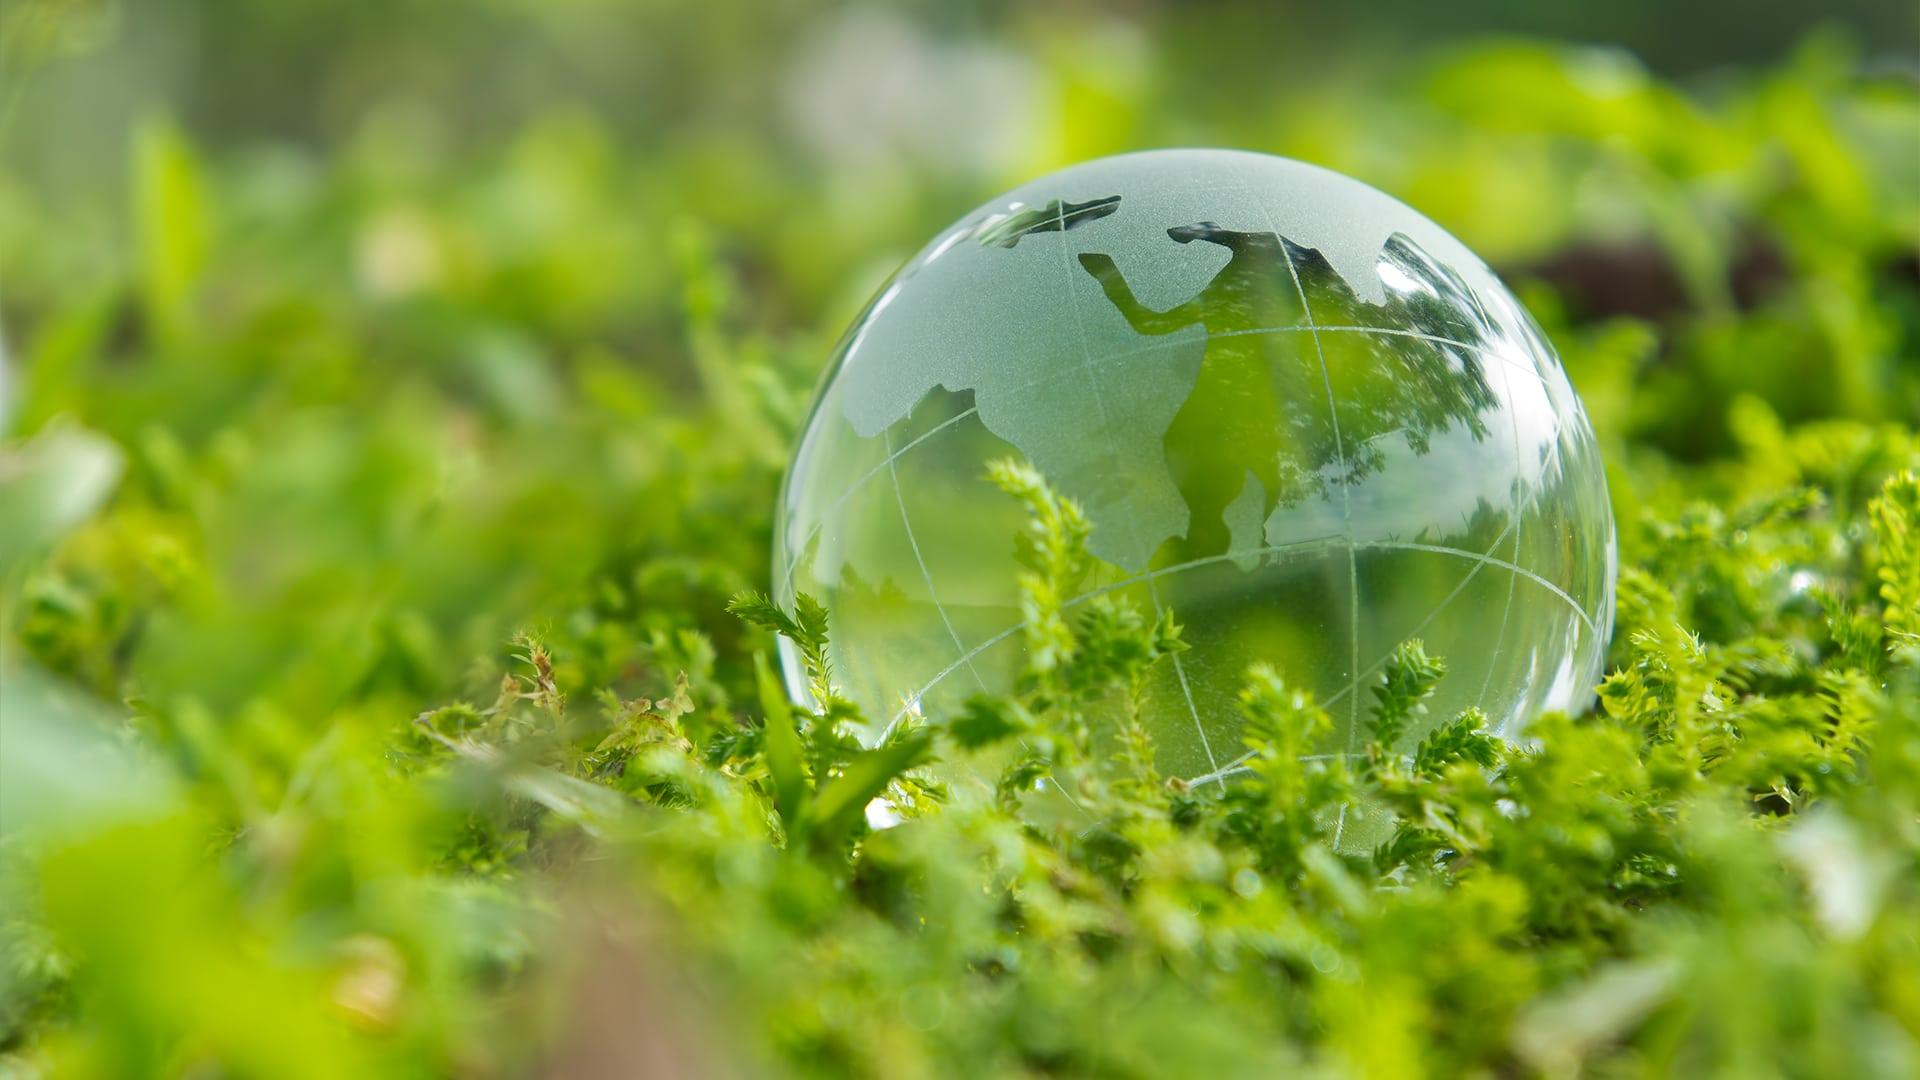 Consultoria Ambiental em Campinas: Tudo que você precisa saber